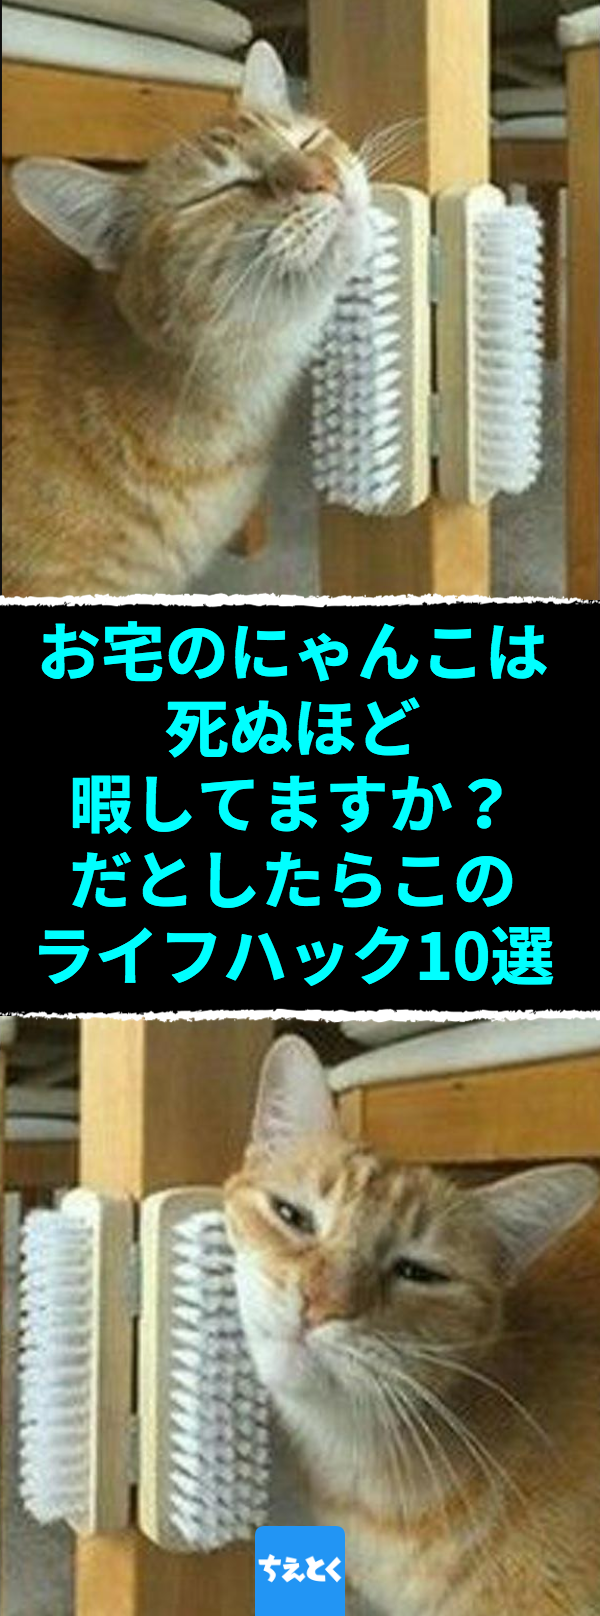 あなたのニャンコは死ぬほど暇してますか だとしたらこのライフハック10選 にゃんこひとり遊び用 これで留守番中も快適な手作りおもちゃアイディア 猫 おもちゃ 猫 おもちゃ 手作り 猫 おもしろ 猫 留守番 ひとり遊び 猫 ブラッシング ちえとく 猫 遊び 猫